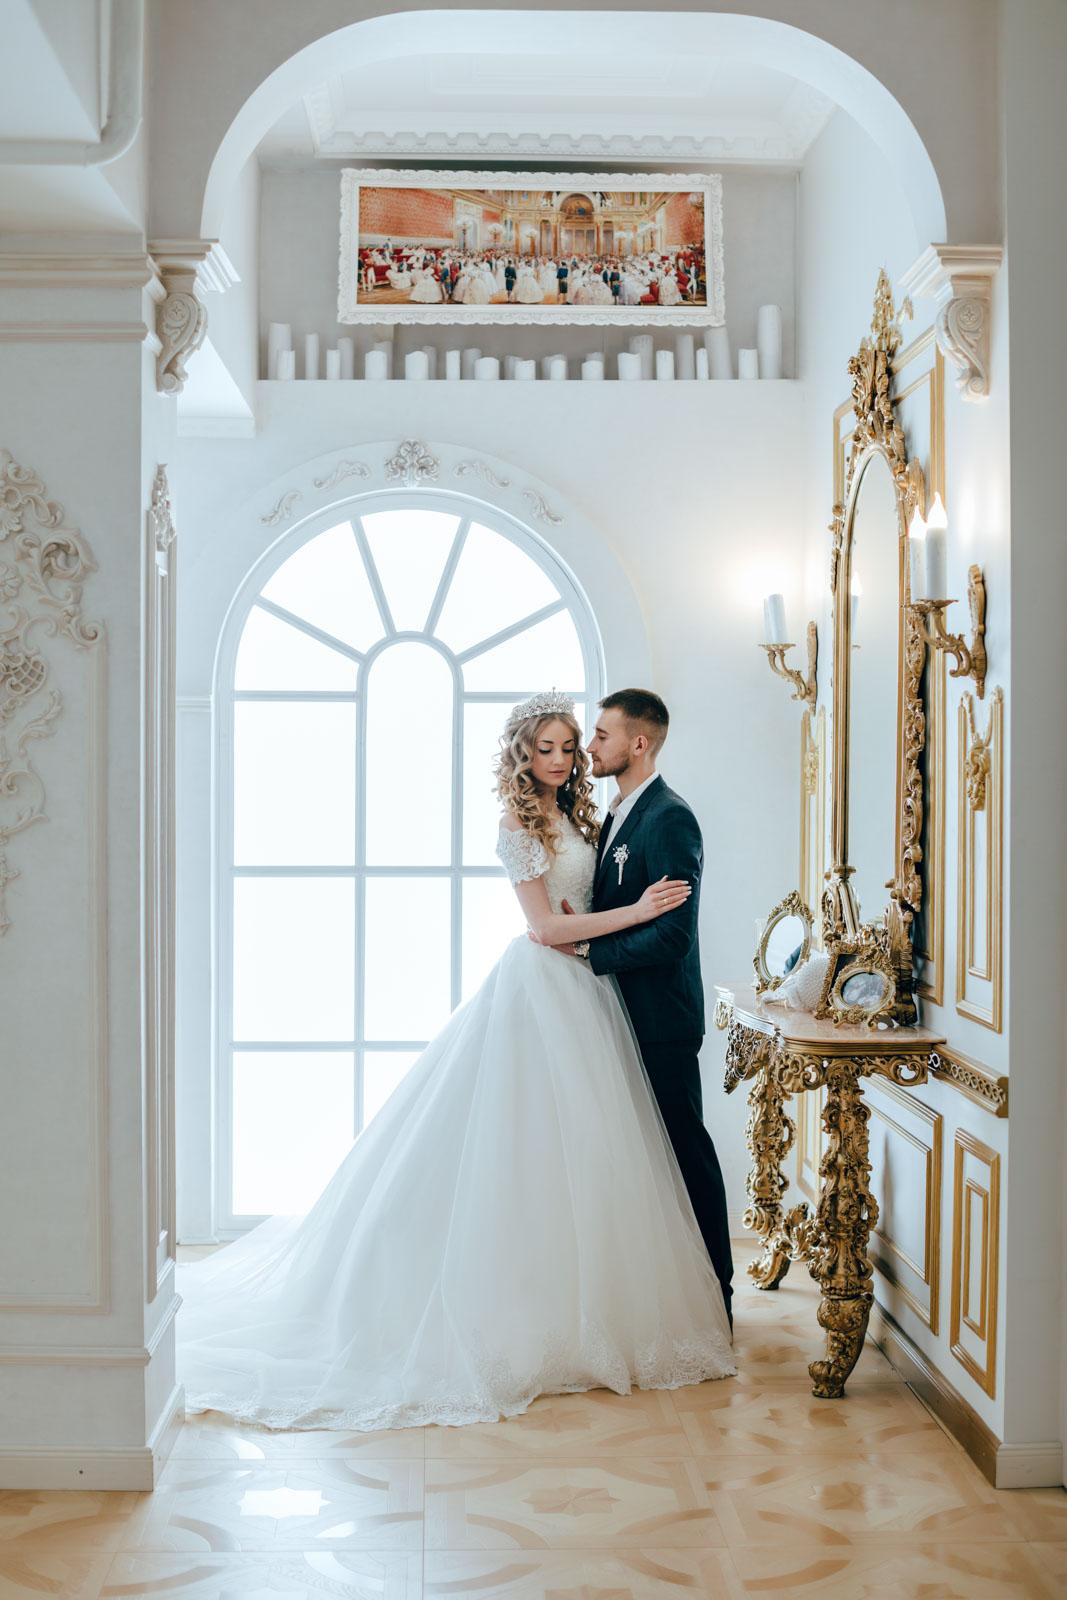 аренда фотостудии для свадебной фотосессии москва сохранить